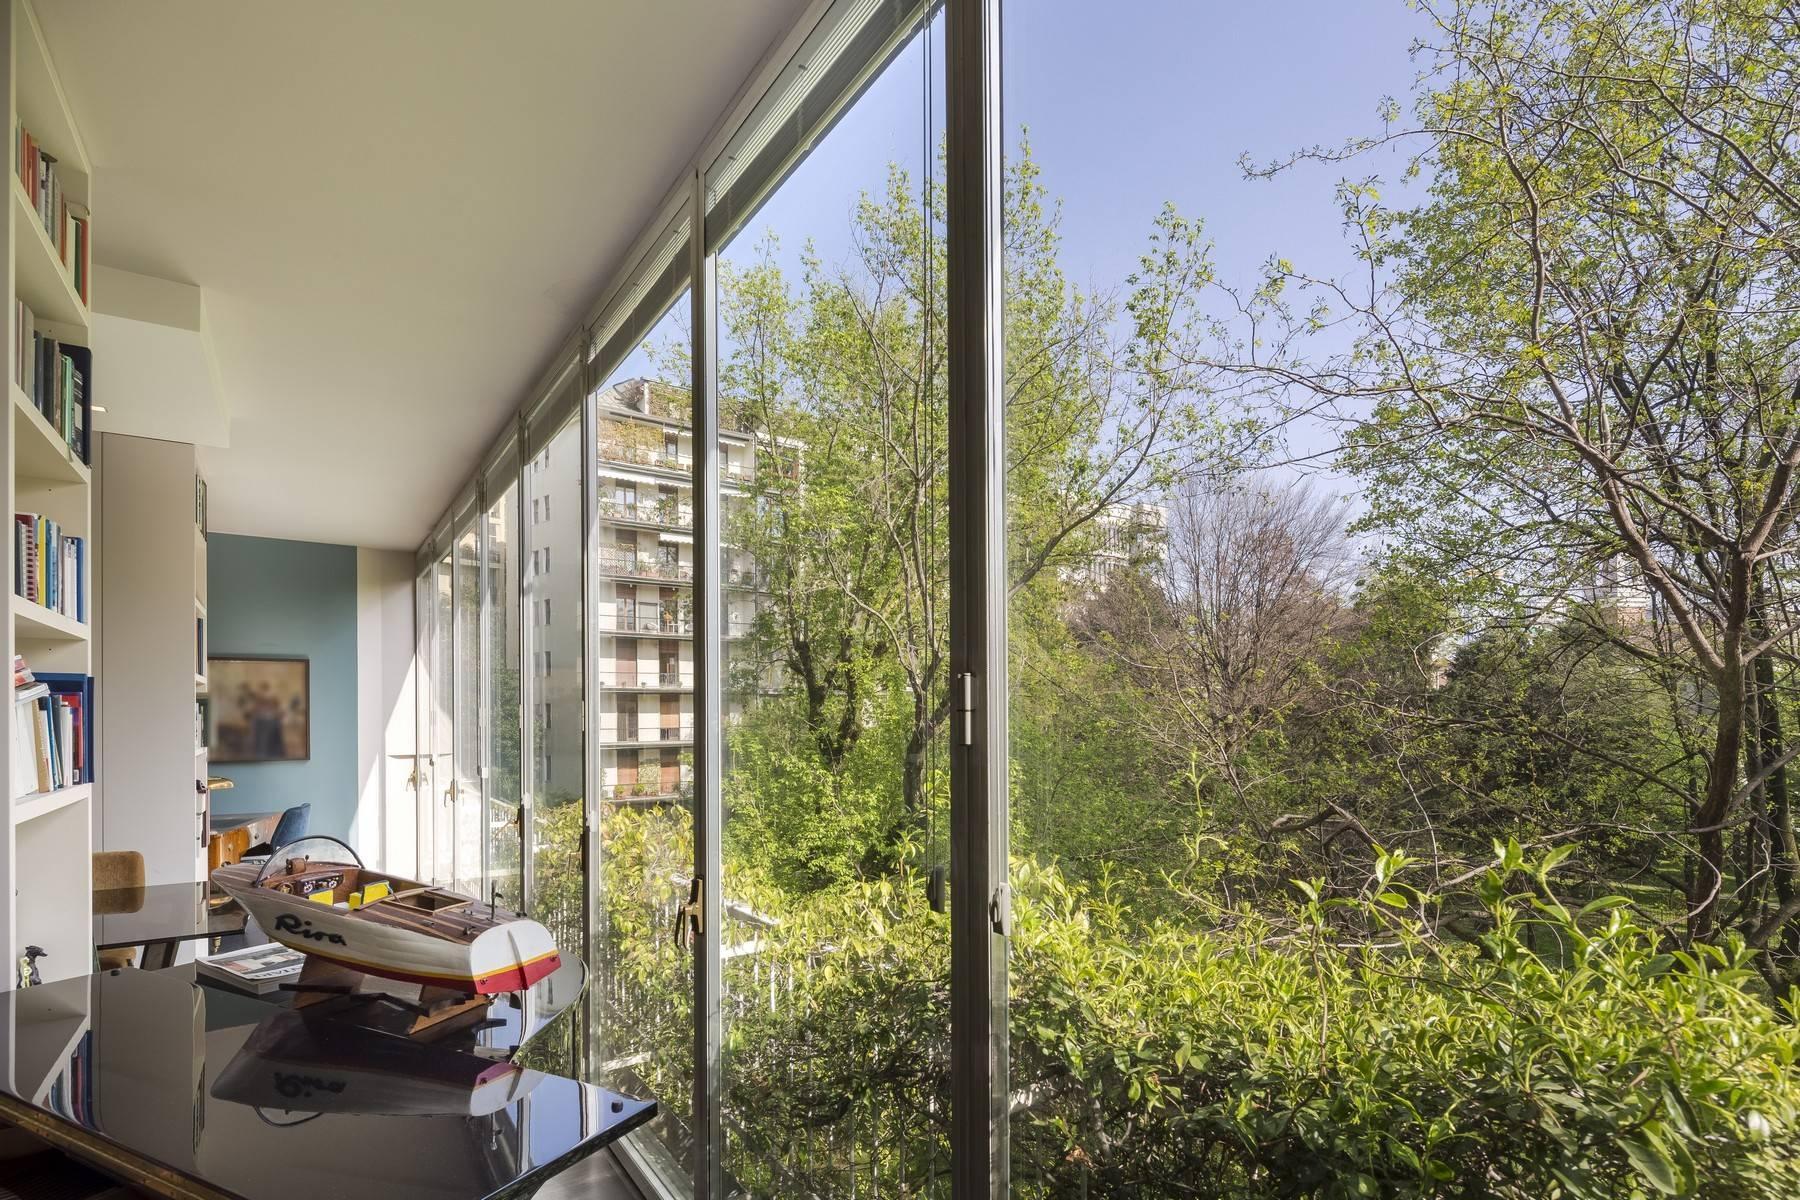 Magnifique appartement à louer d'environ 300 m² au coeur de Milan - 7